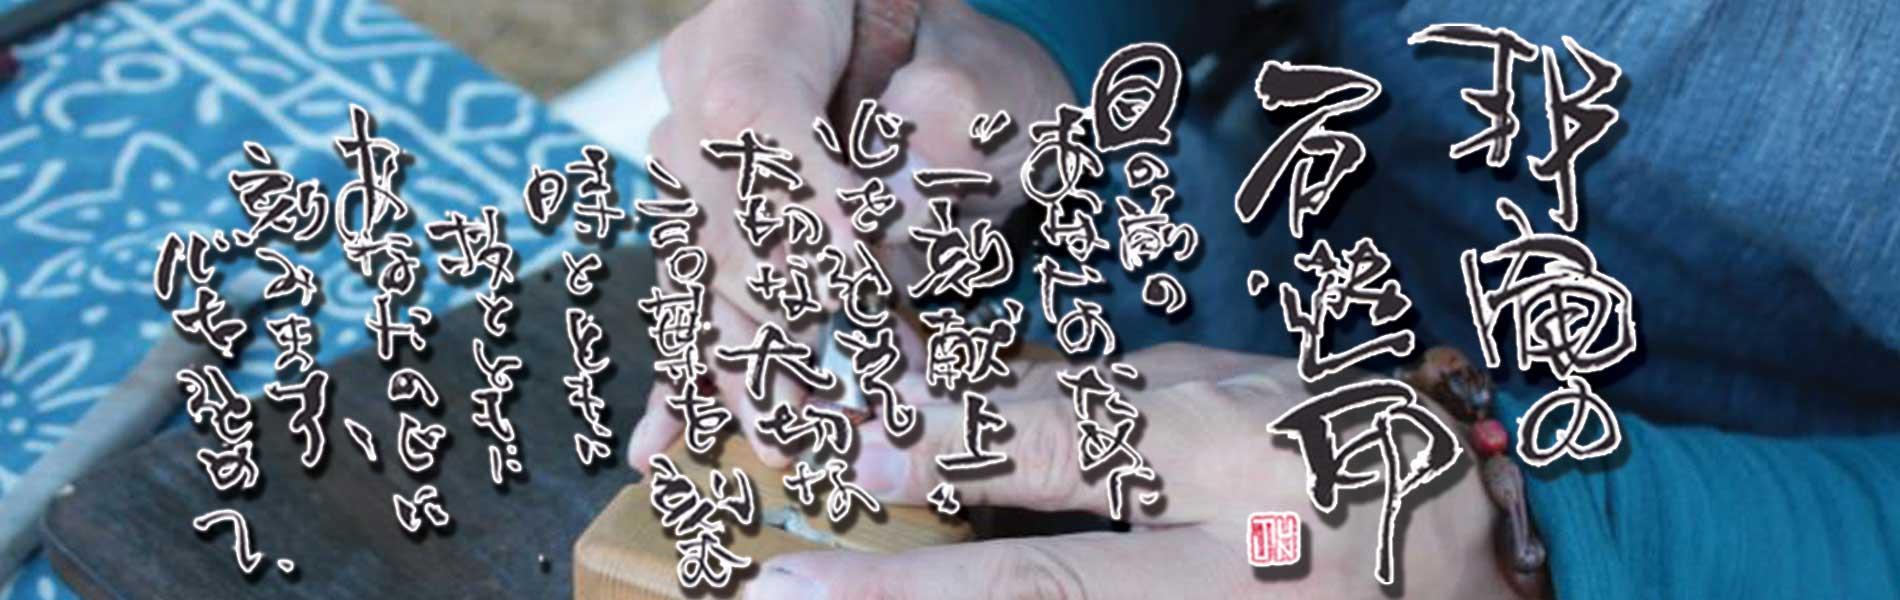 邦庵の石遊印